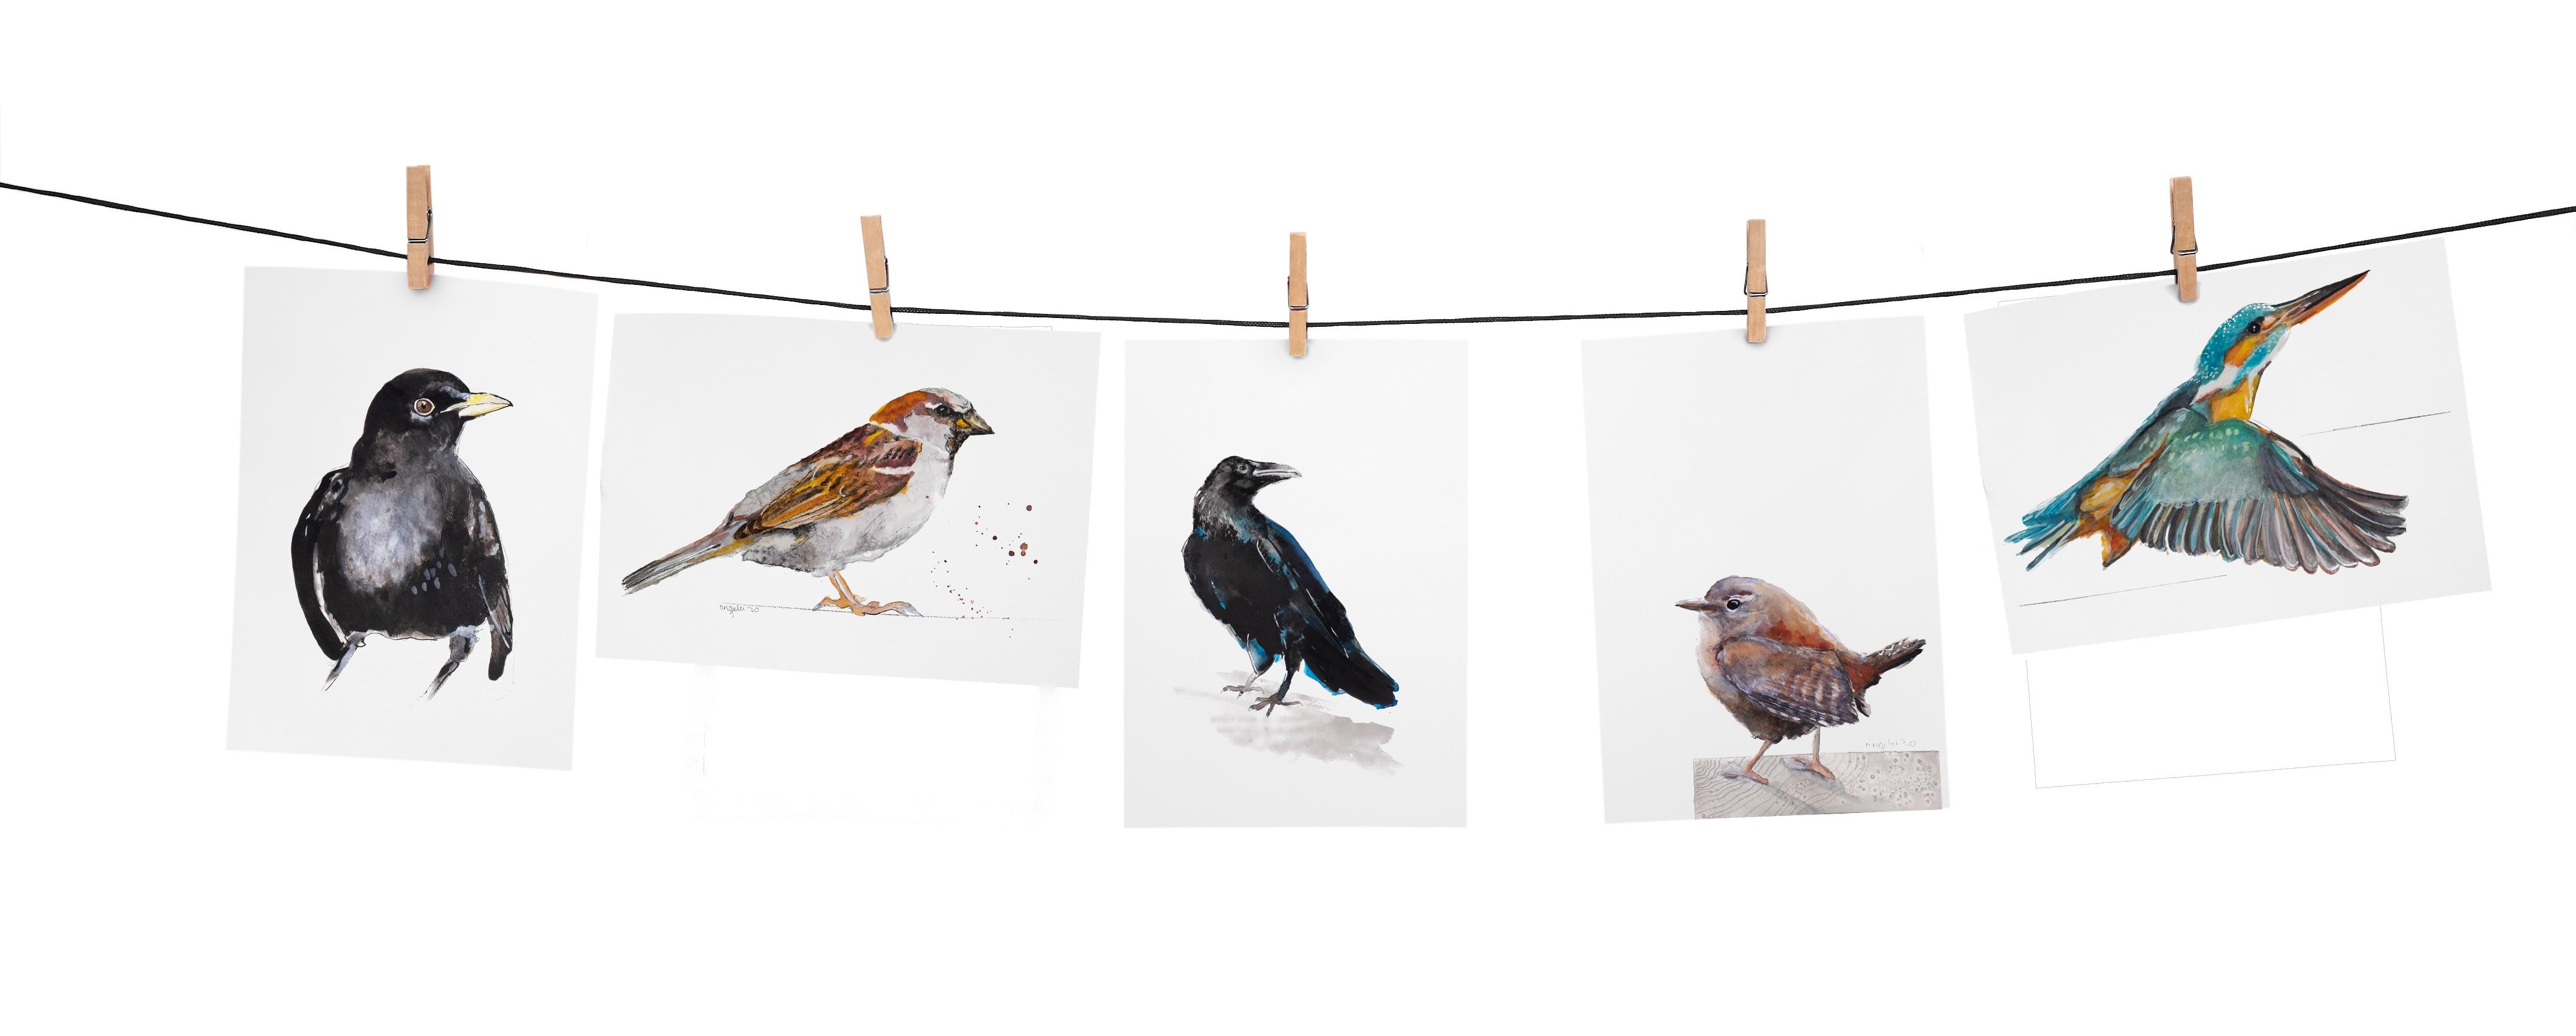 Vogel wenskaarten set 15 natuurlijk Angelart, angela Peters galerie Hattem